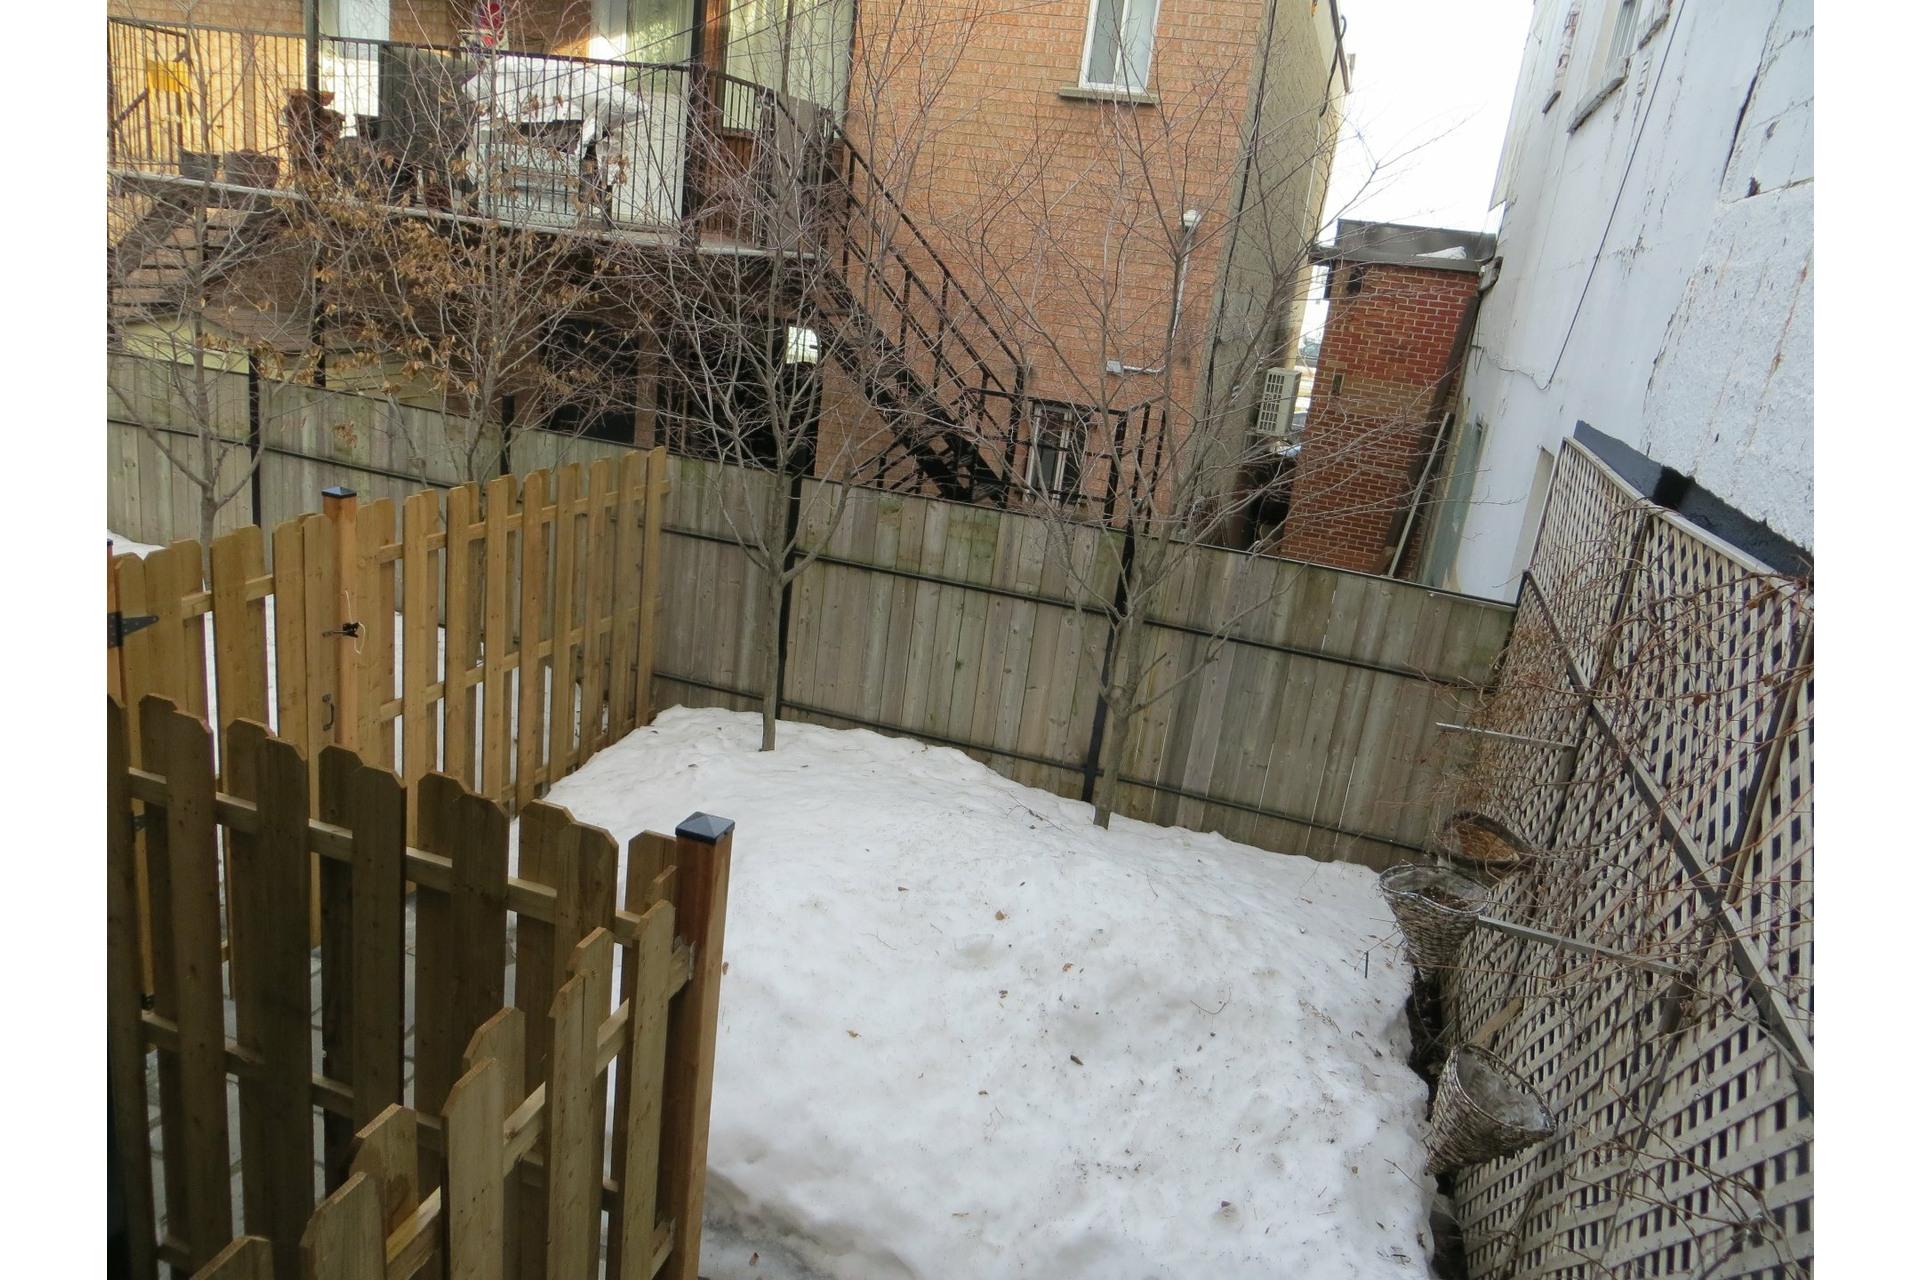 image 21 - Apartment For sale Côte-des-Neiges/Notre-Dame-de-Grâce Montréal  - 6 rooms